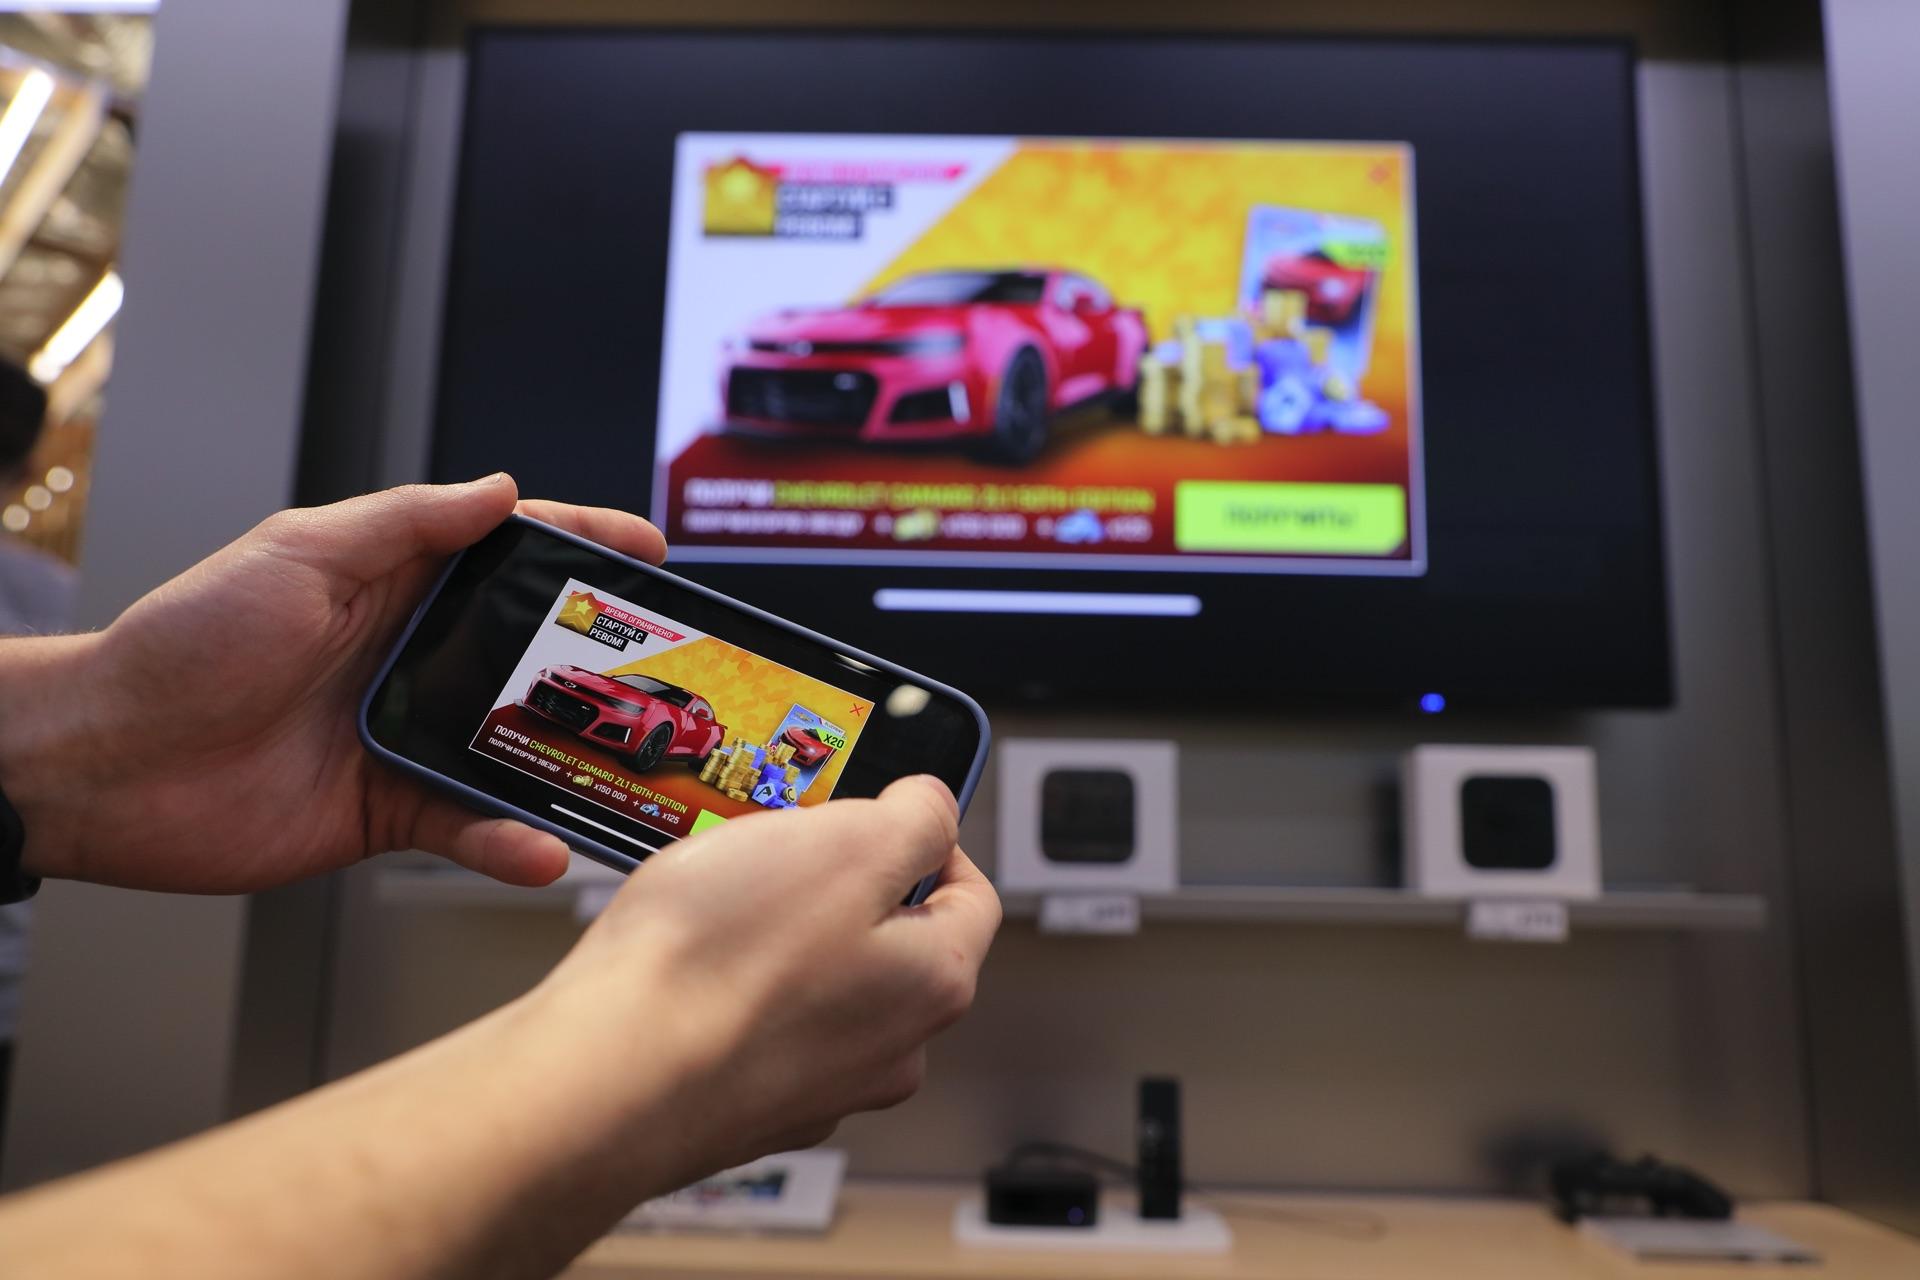 Приставка Apple TV